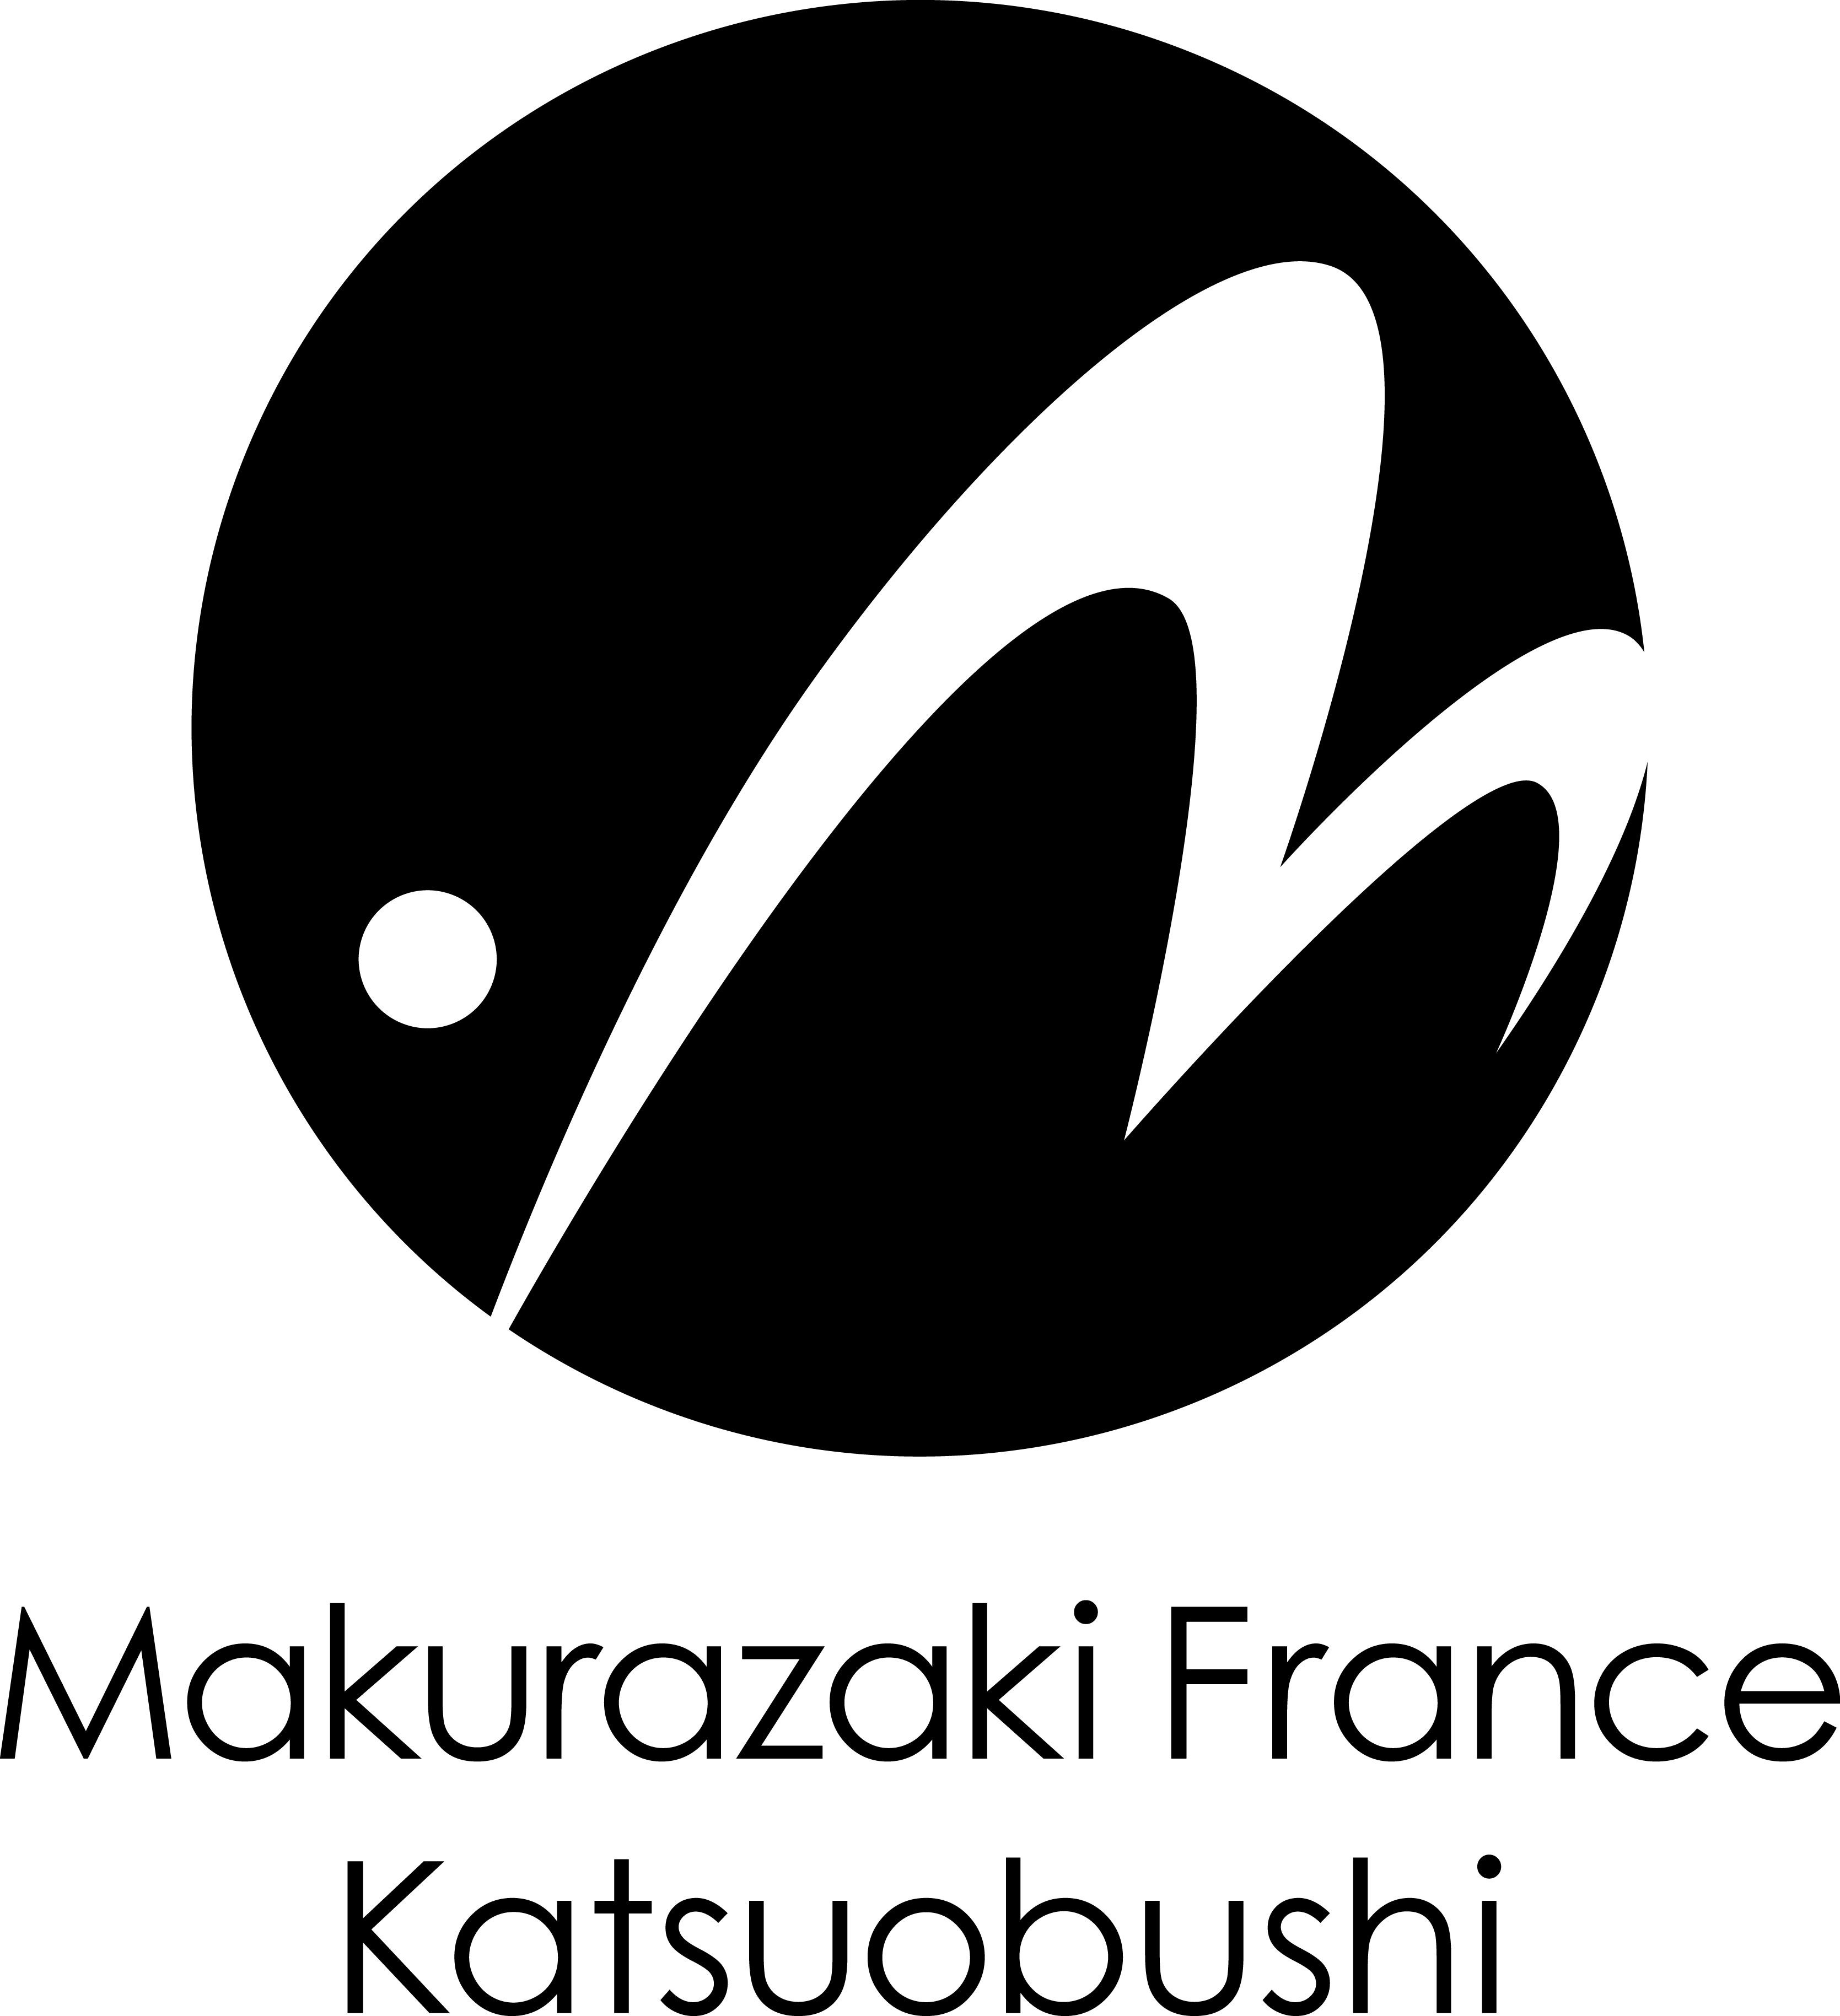 Makurazaki France